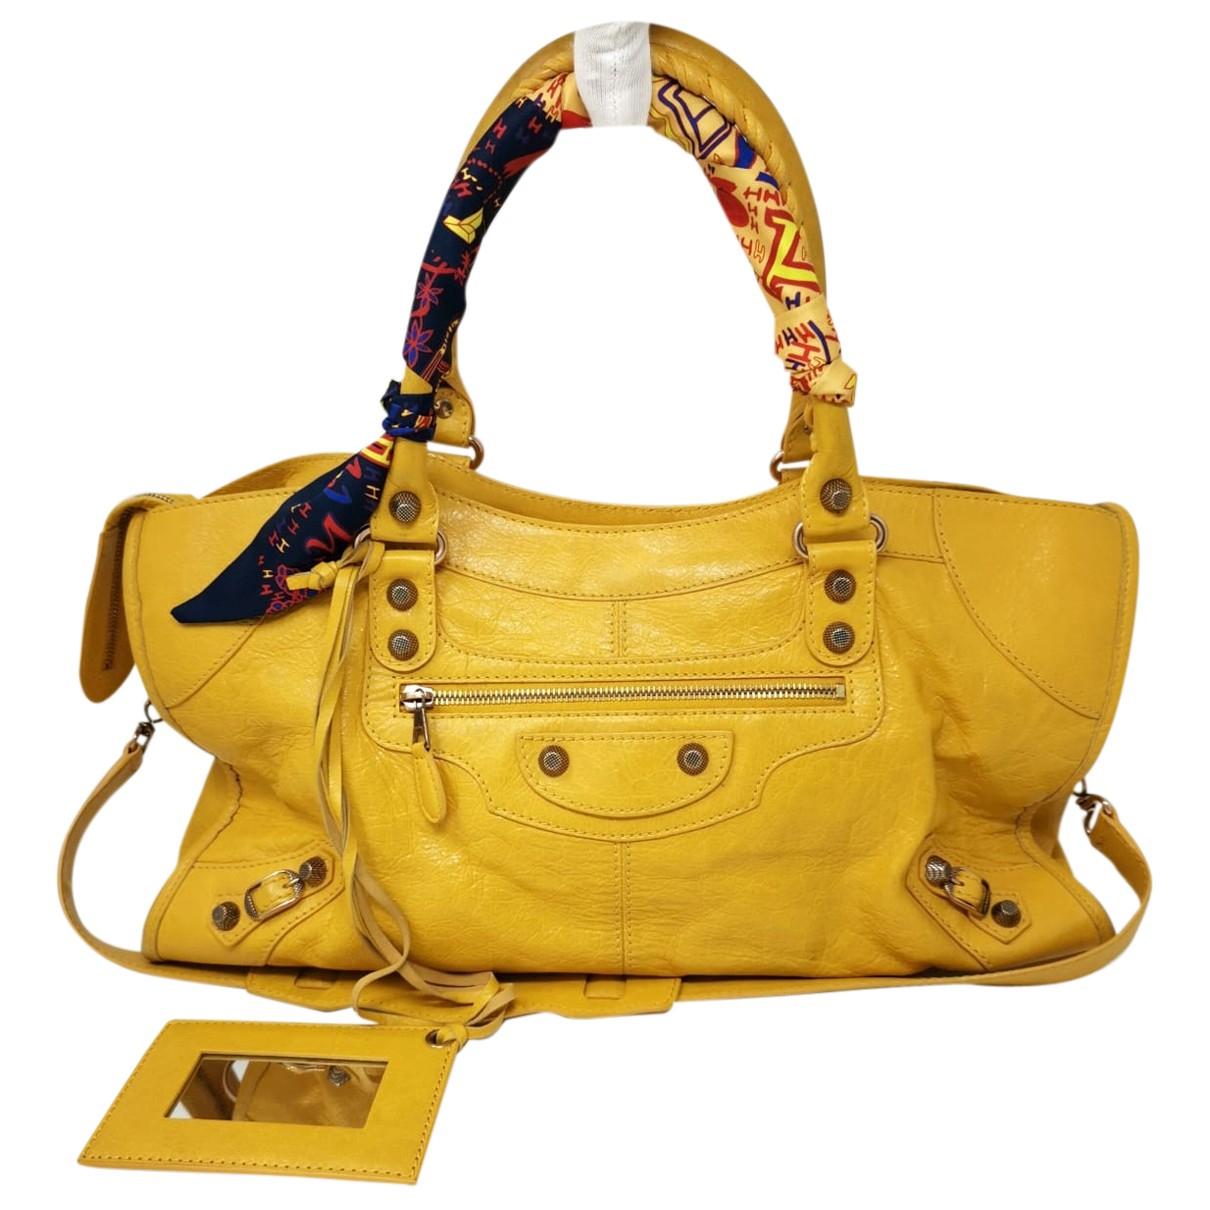 Balenciaga - Sac a main City pour femme en cuir - jaune